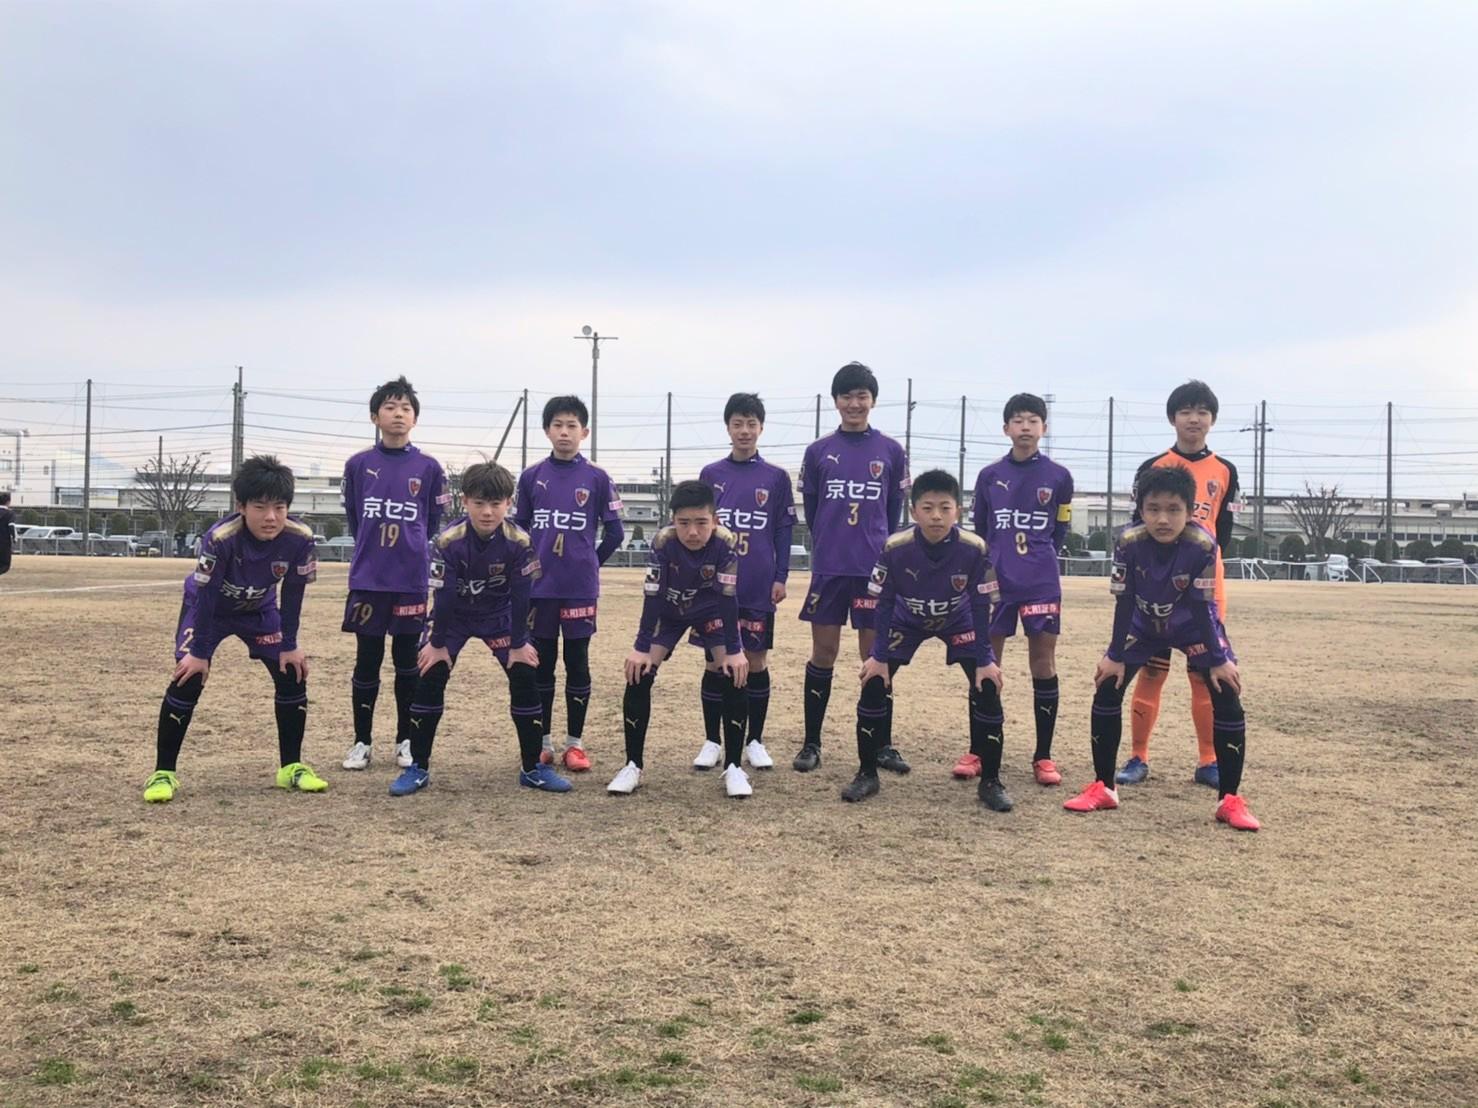 【U-14】高円宮杯JFA U-15サッカーリーグ滋賀2021 2部リーグ第1節